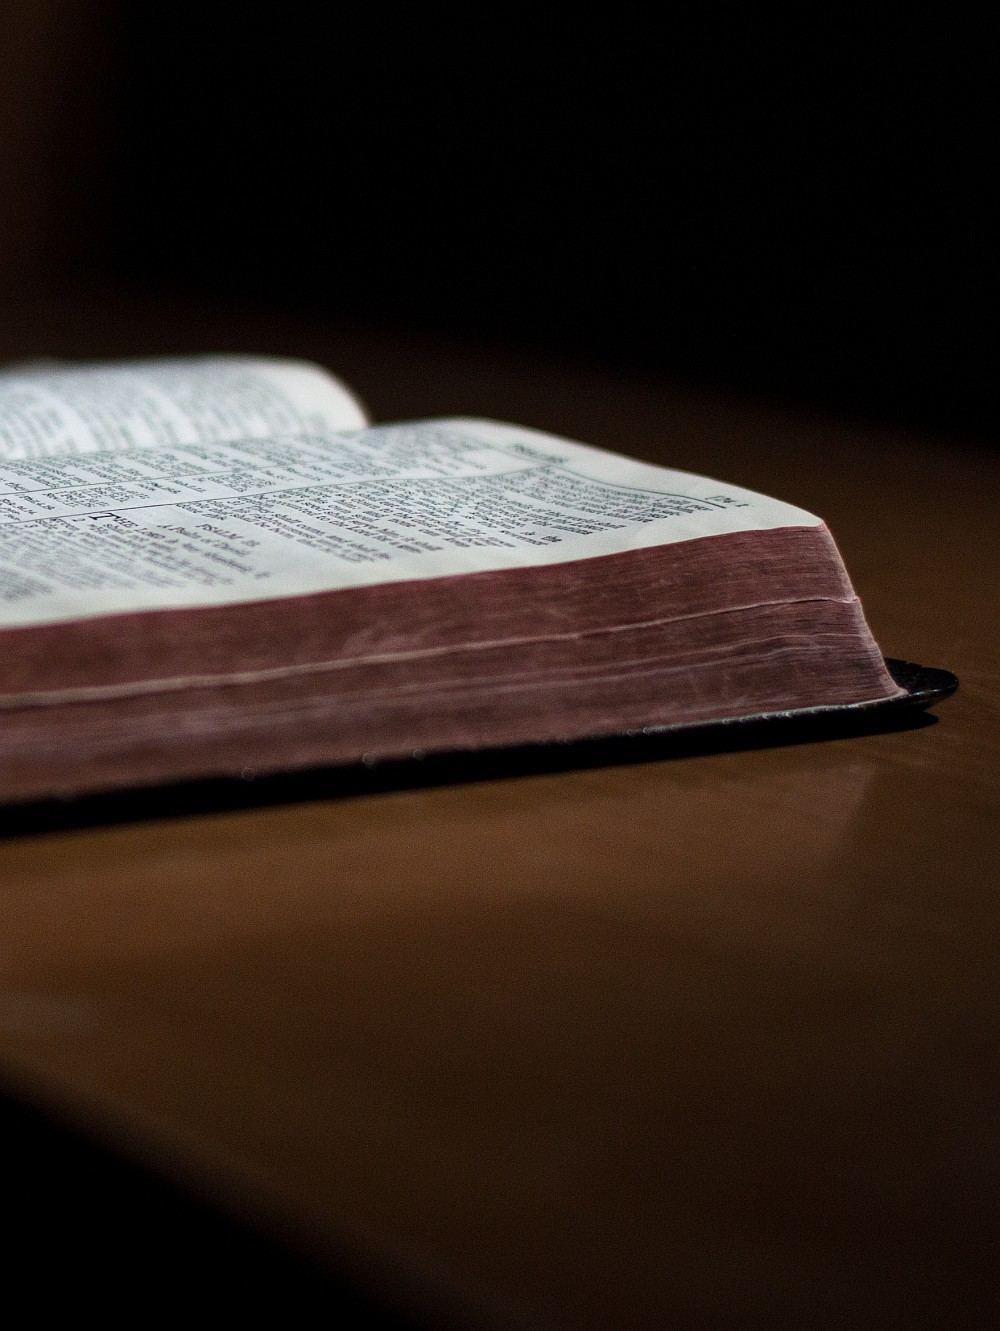 Foto einer aufgeschlagenen alten Bibel.